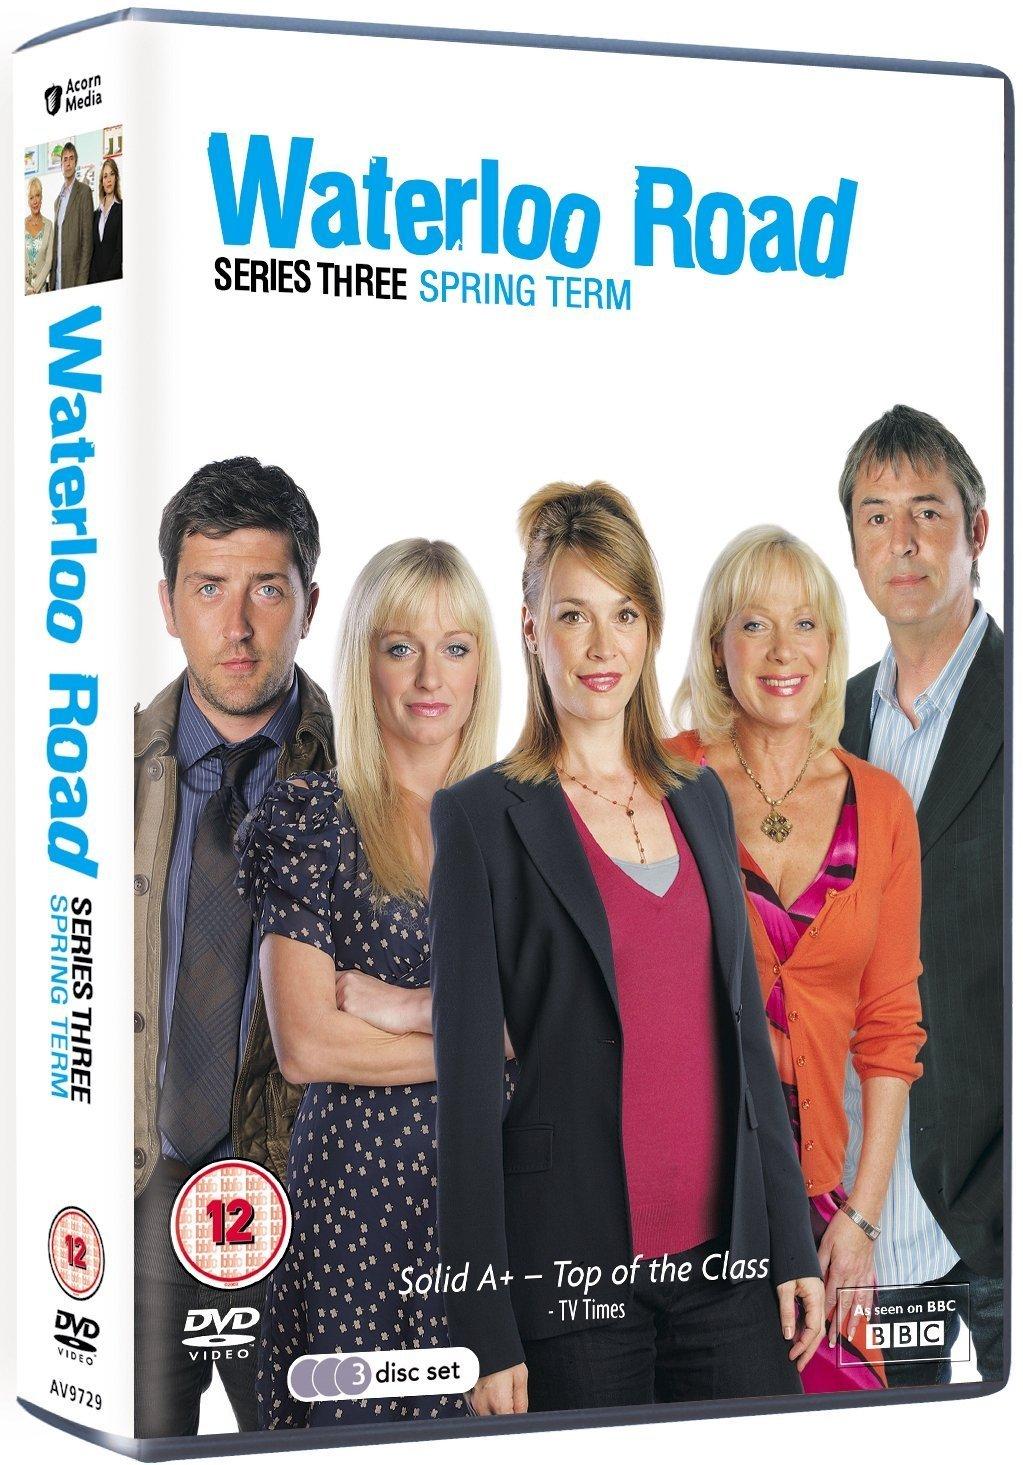 Waterloo Road Series 1 Dvd Waterloo Road Series 3